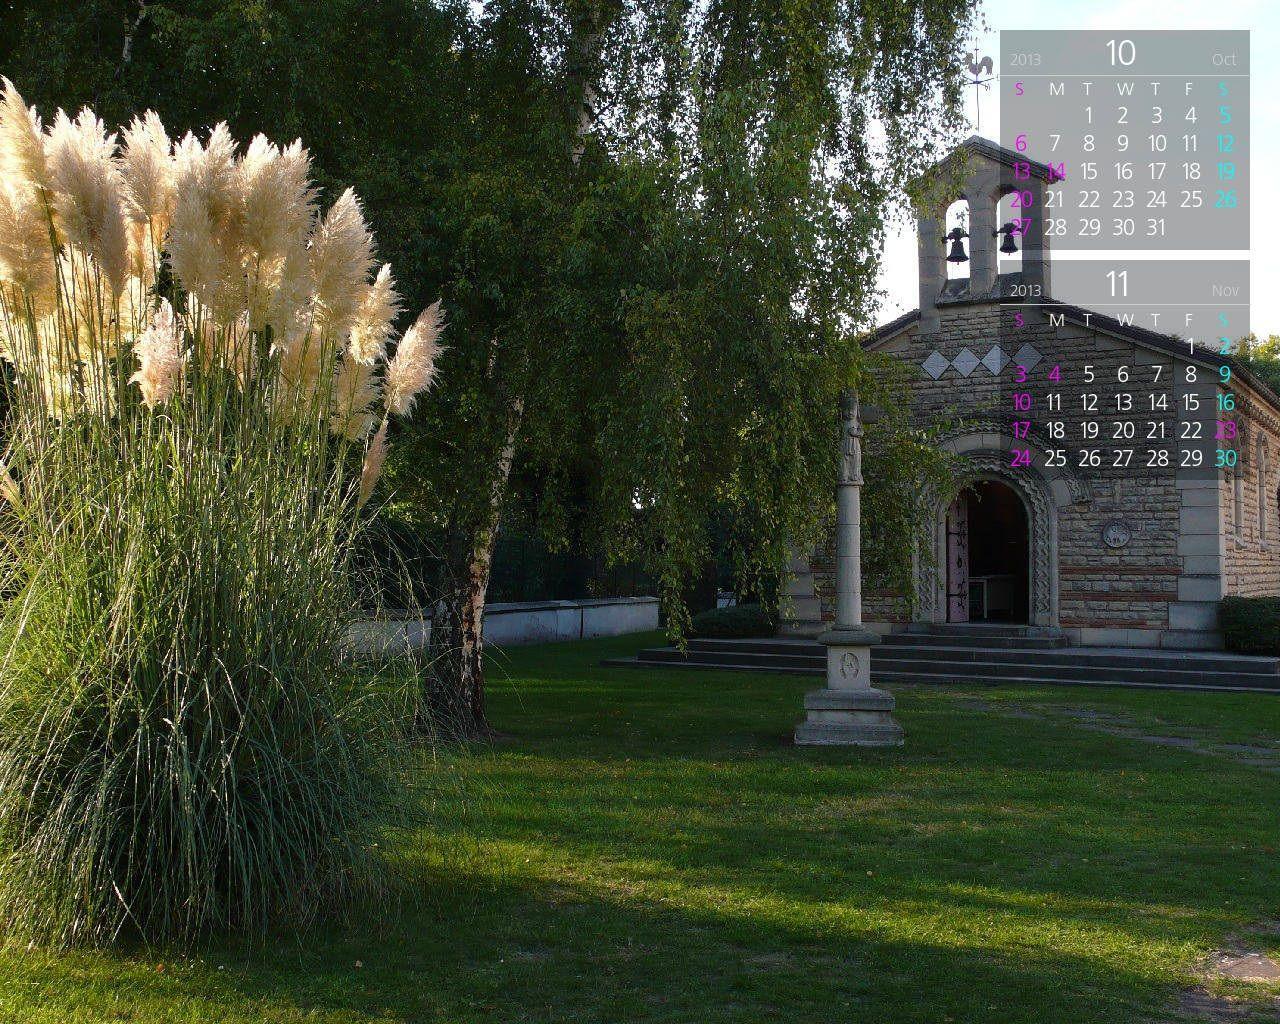 壁紙カレンダー平成25年10月 ランスのフジタ礼拝堂 フランス壁紙写真館